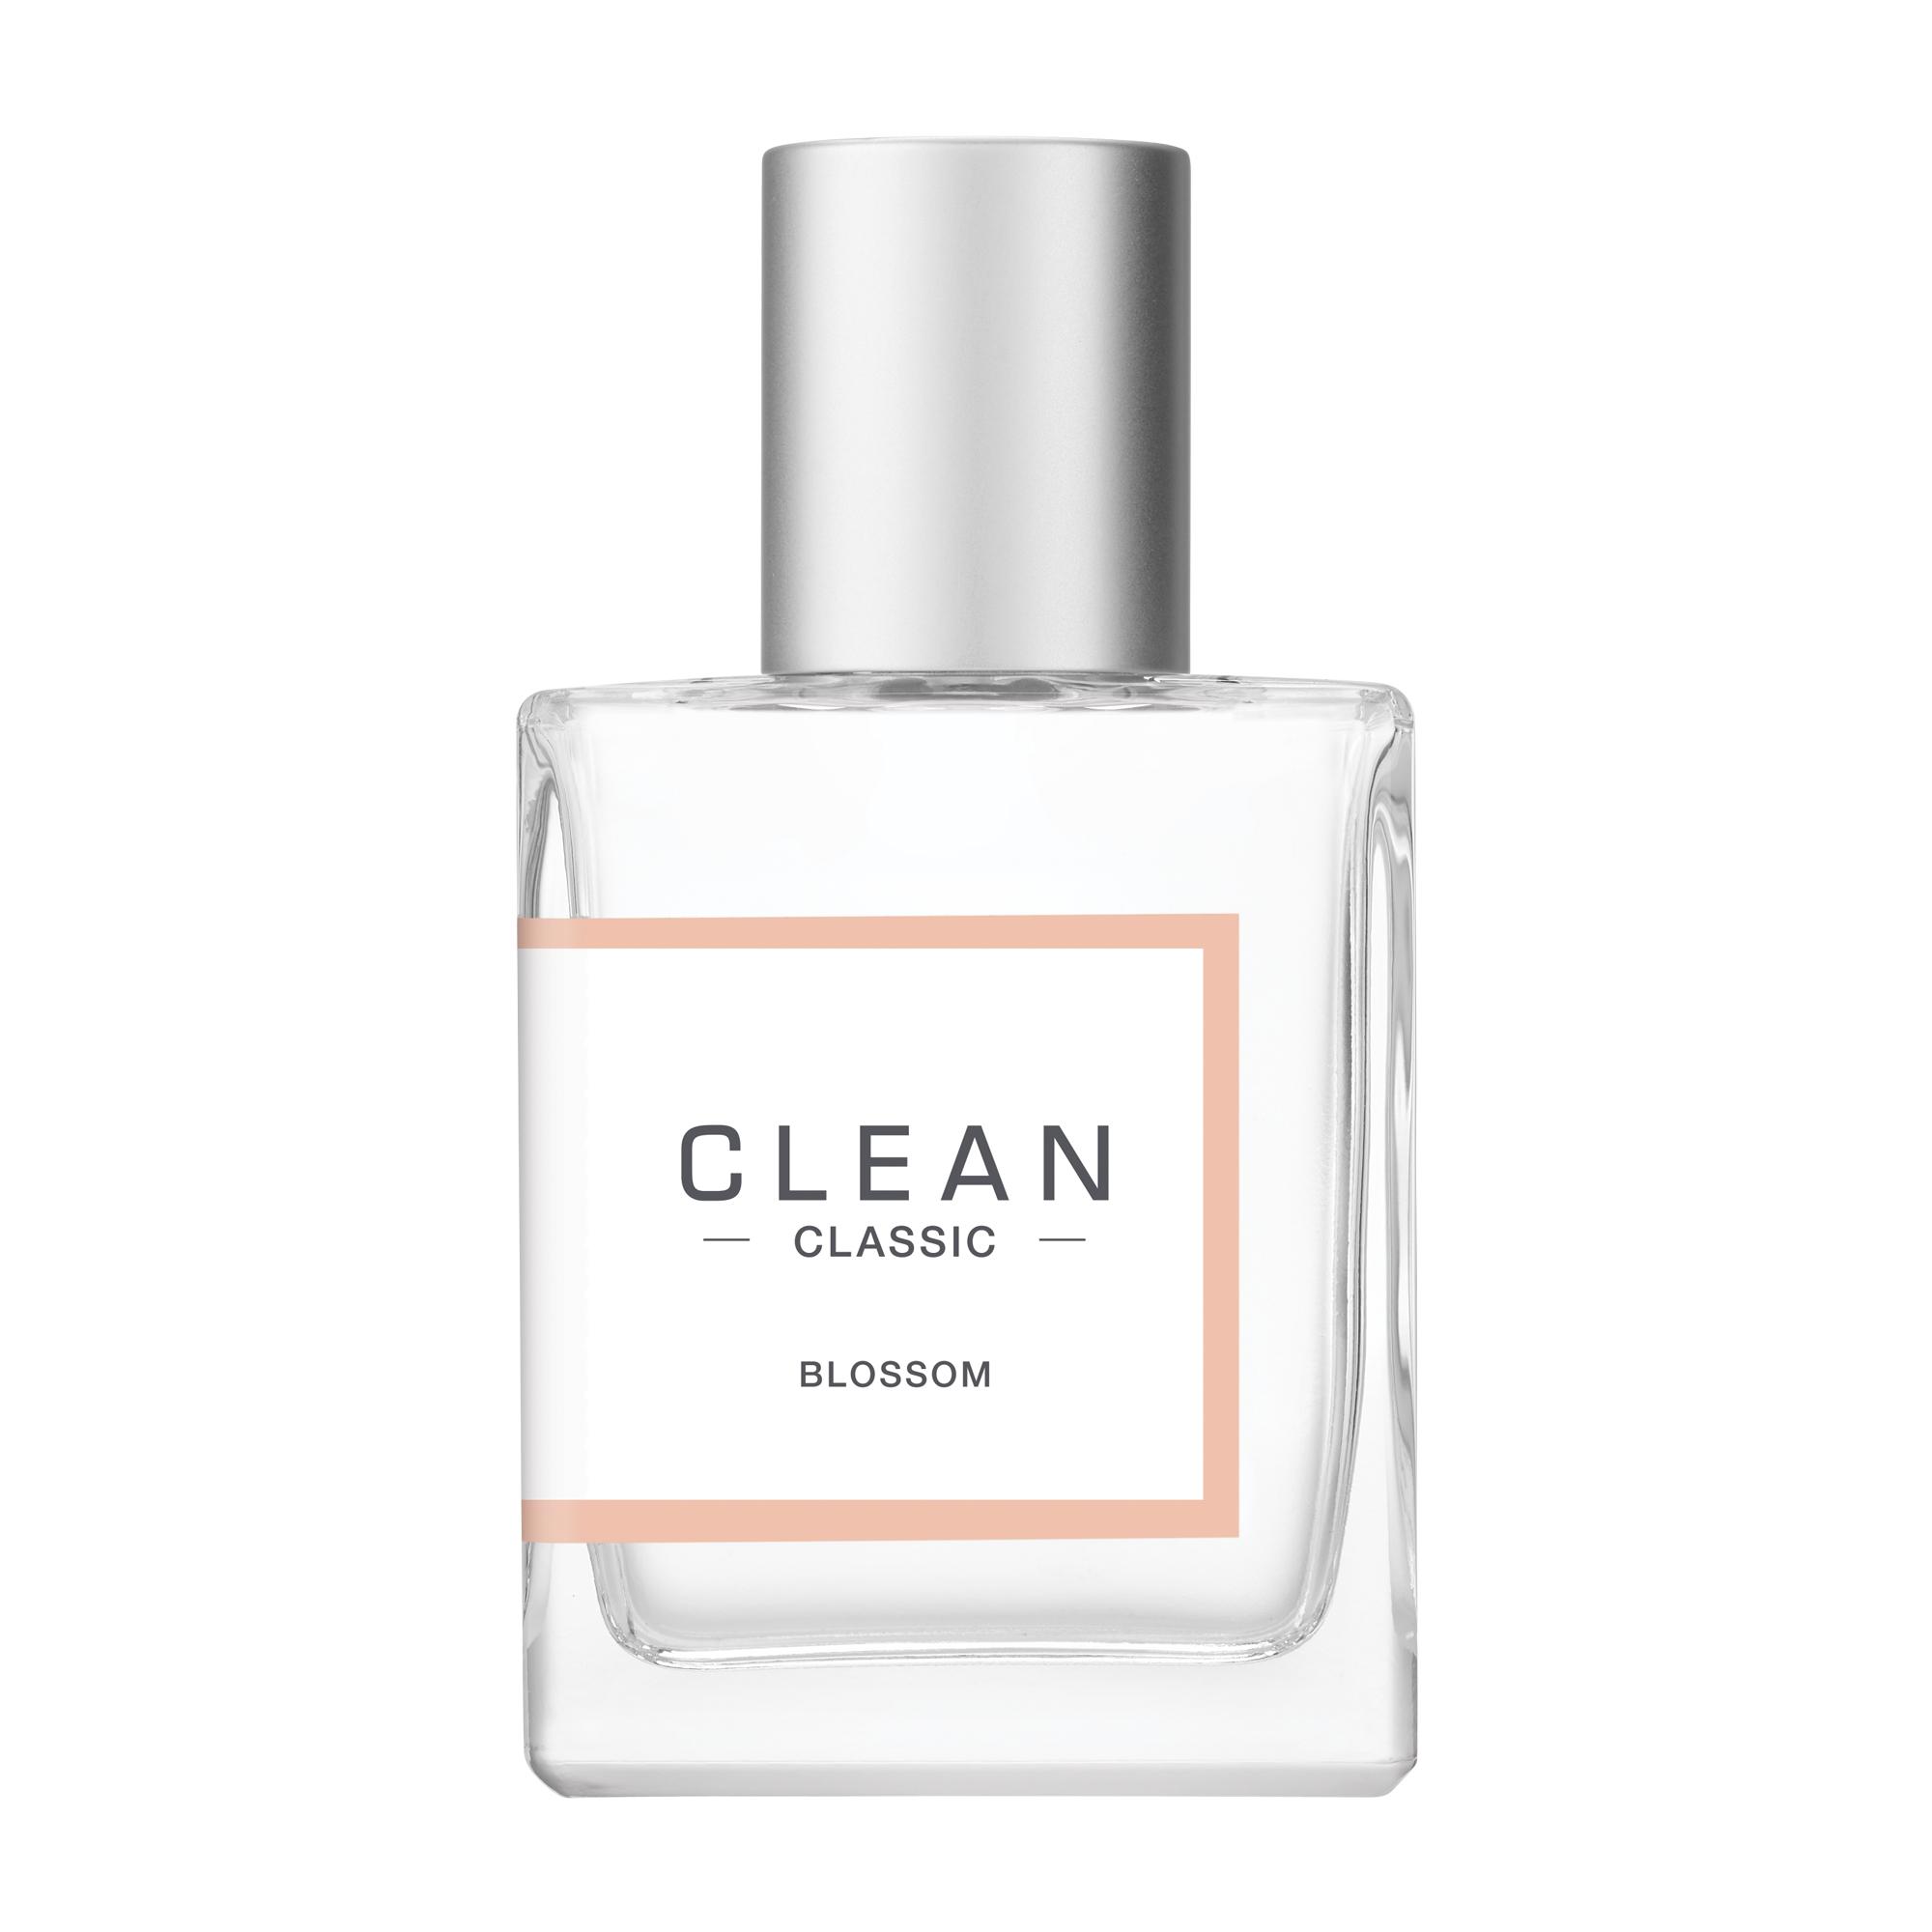 CLEAN Blossom EDP, 30 ml